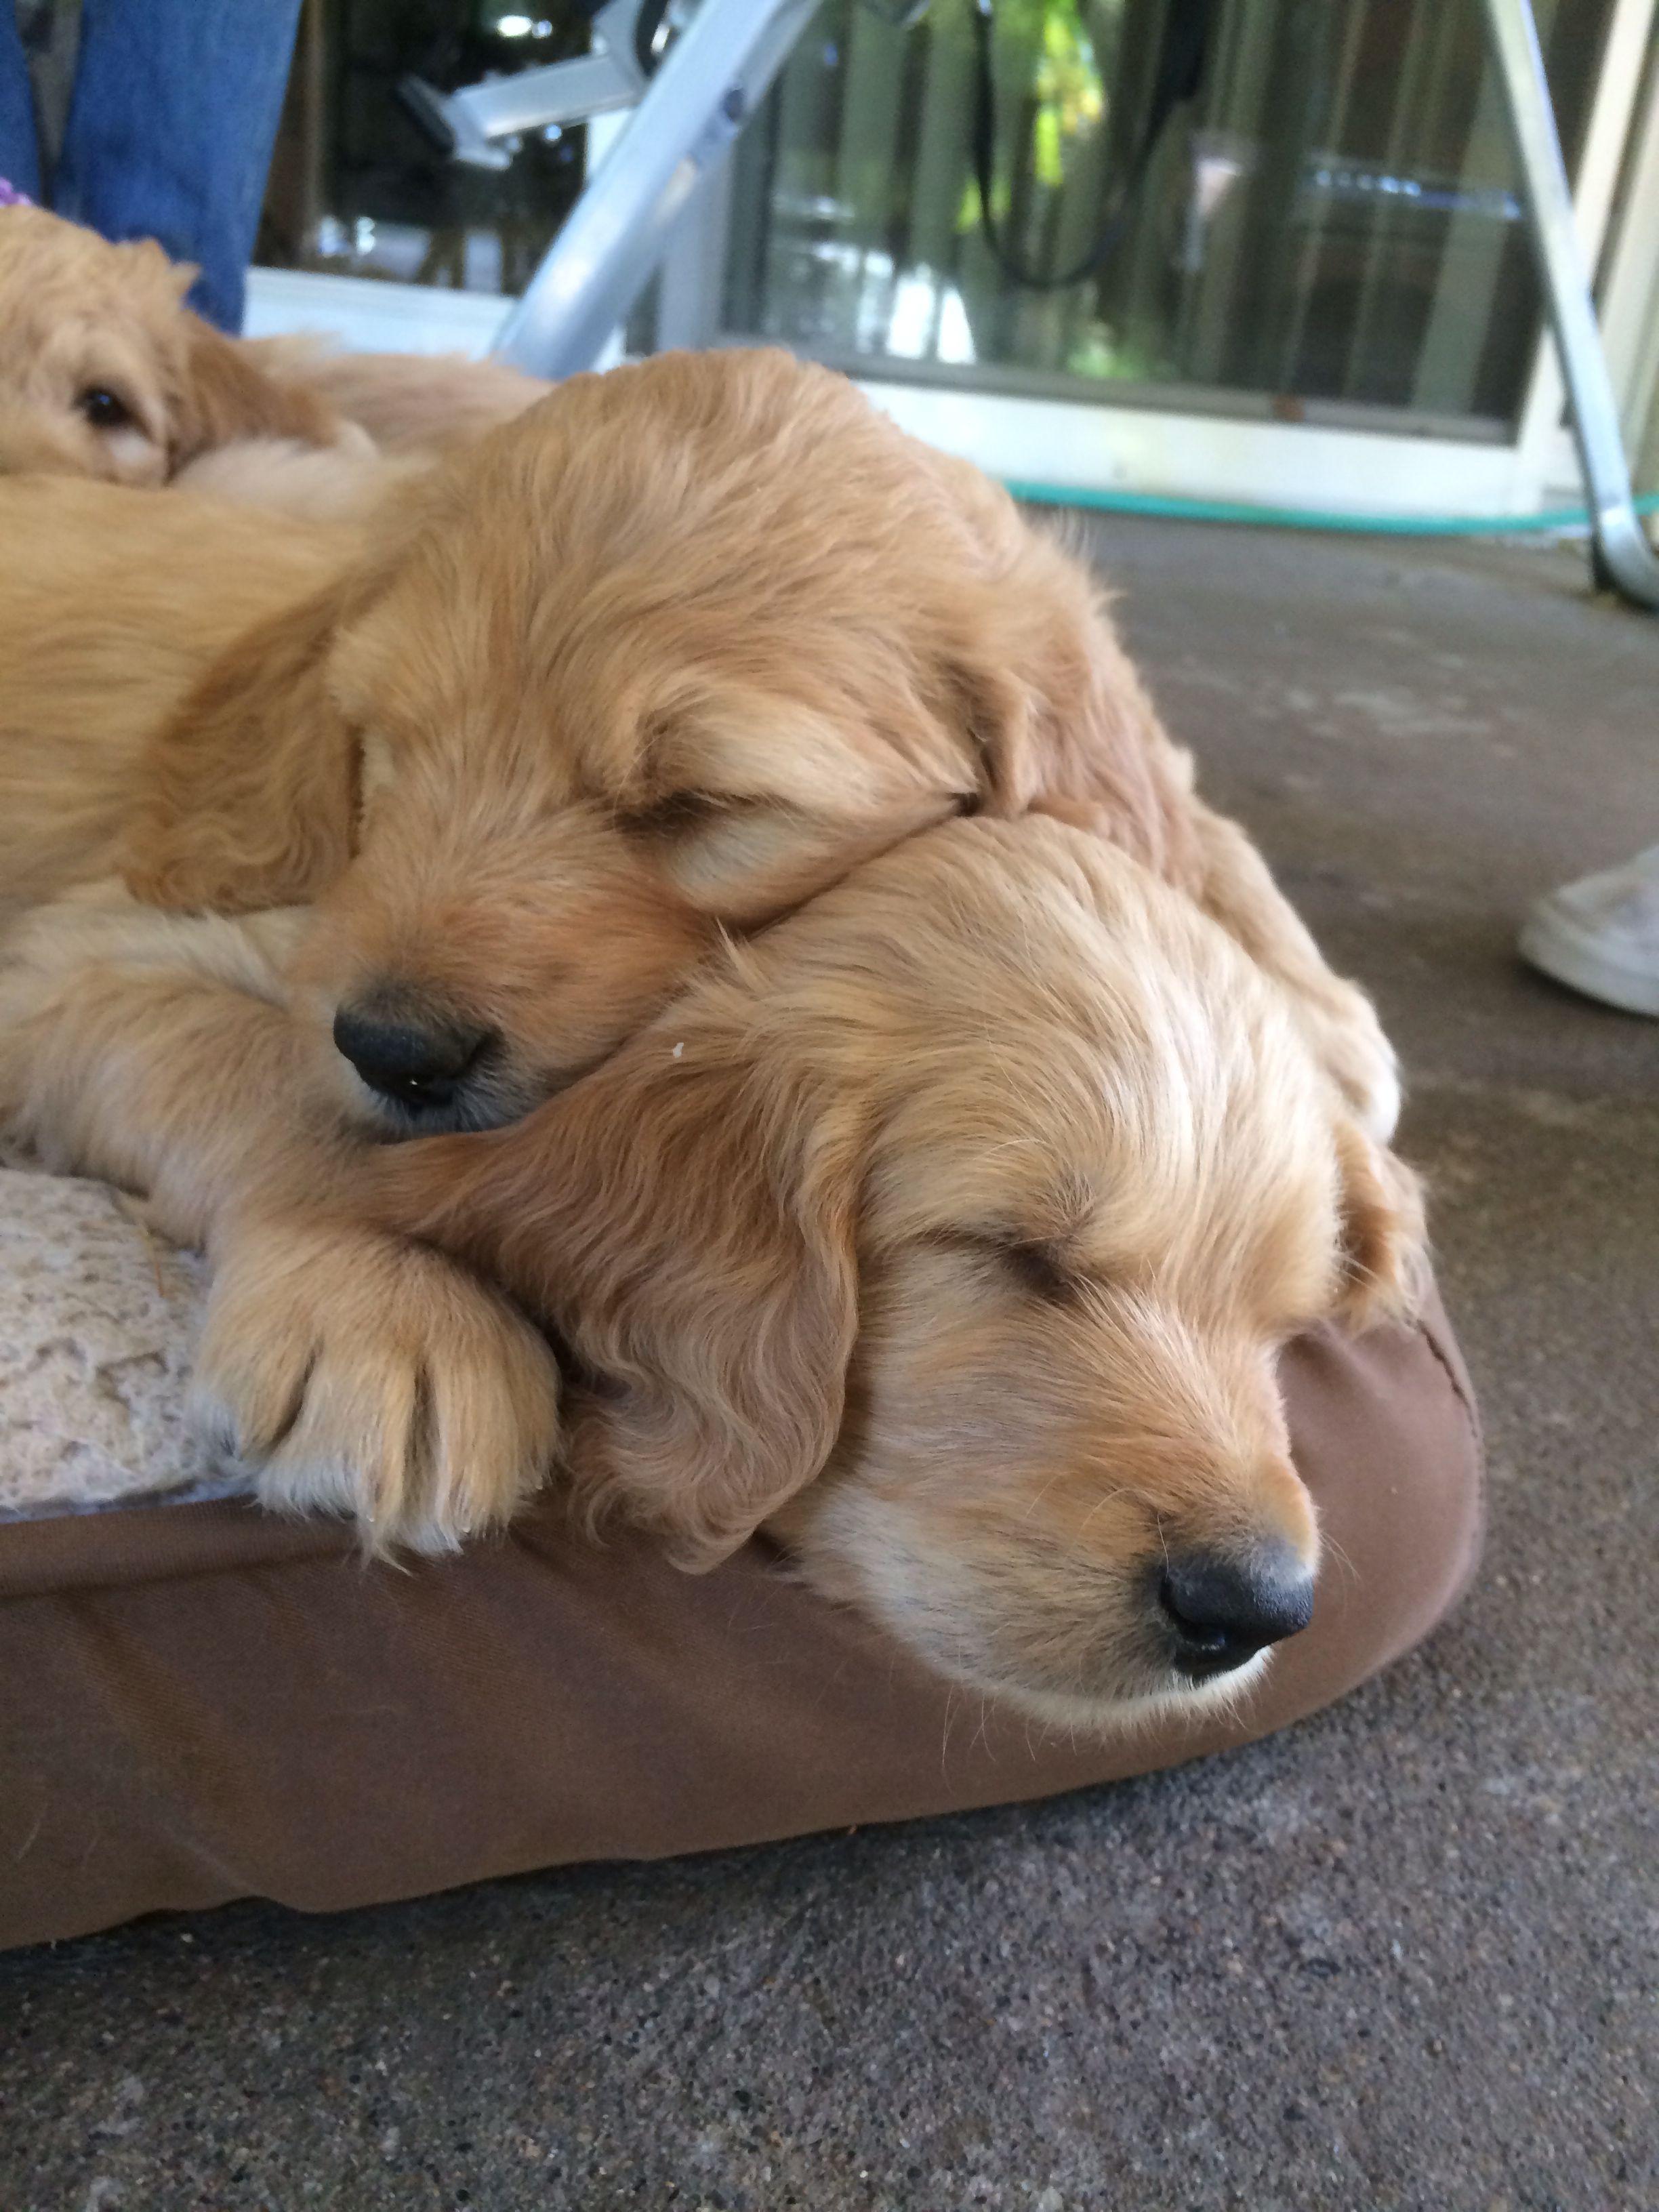 Golden Doodles Golden Retriever And Poodle Mix 6 Weeks Old Puppies Golden Retriever Retriever Puppy